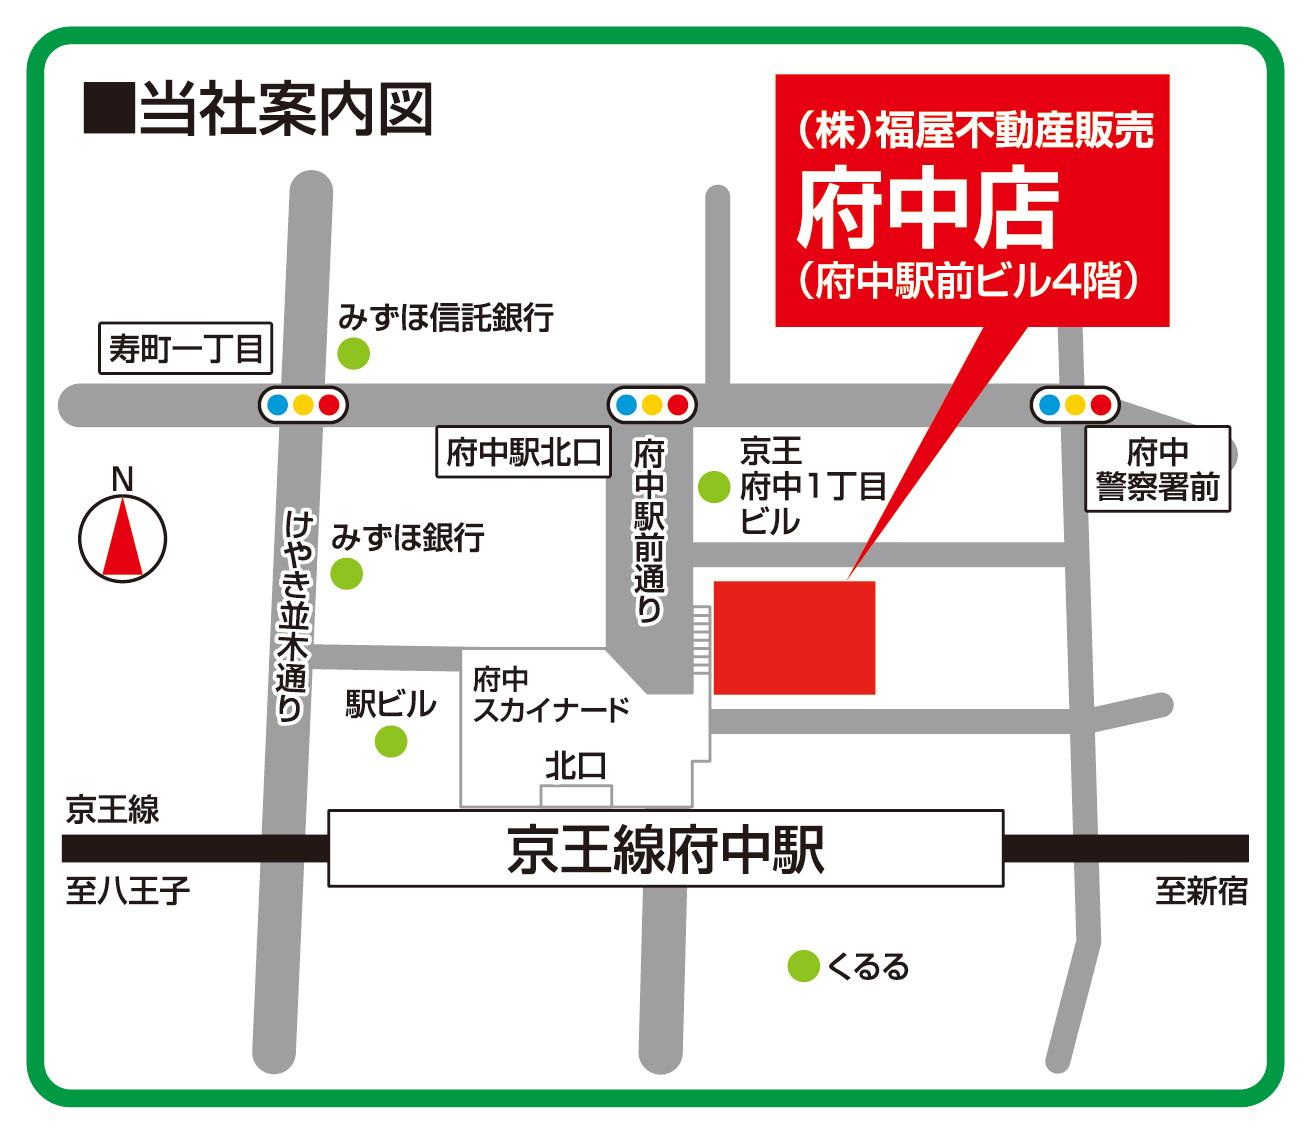 (株)福屋不動産販売 府中店がオープン致しました。